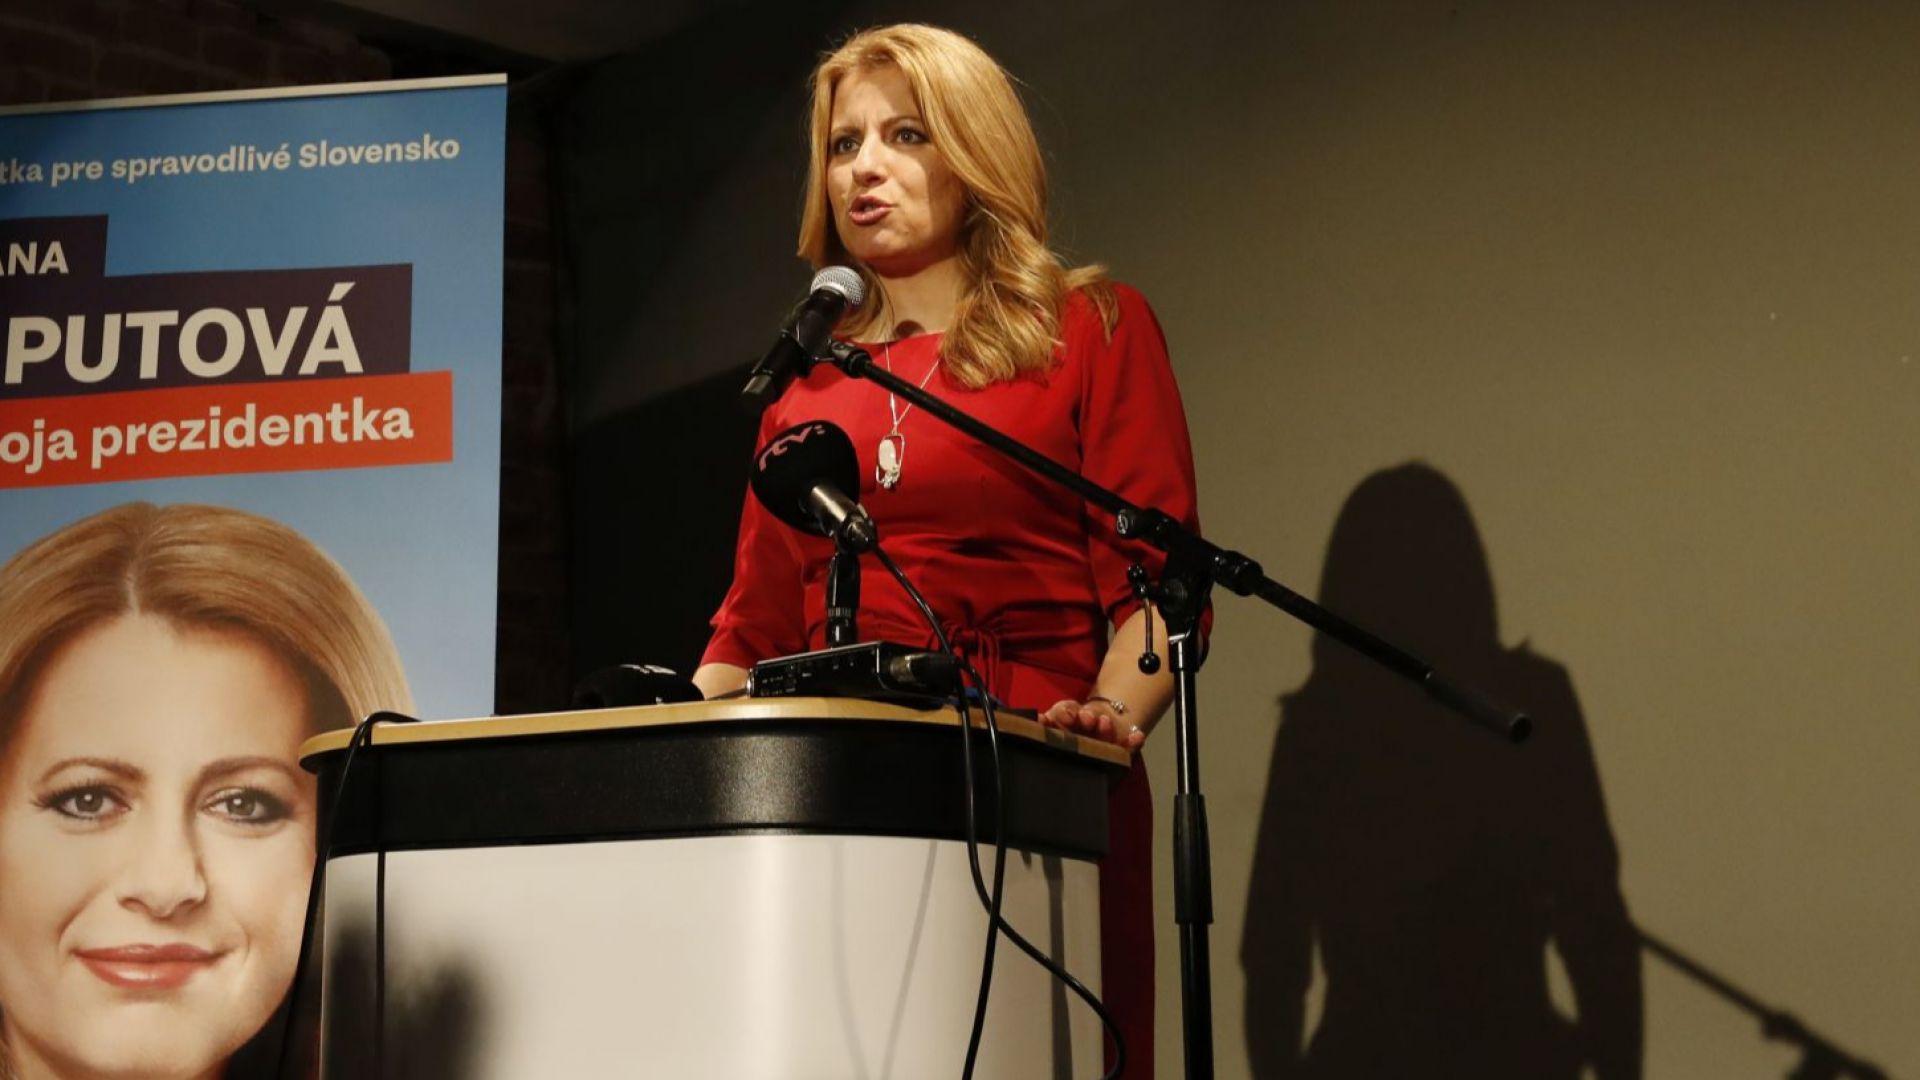 Либералната кандидатка Зузана Чапутова, която критикува политиката на сегашното правителство,